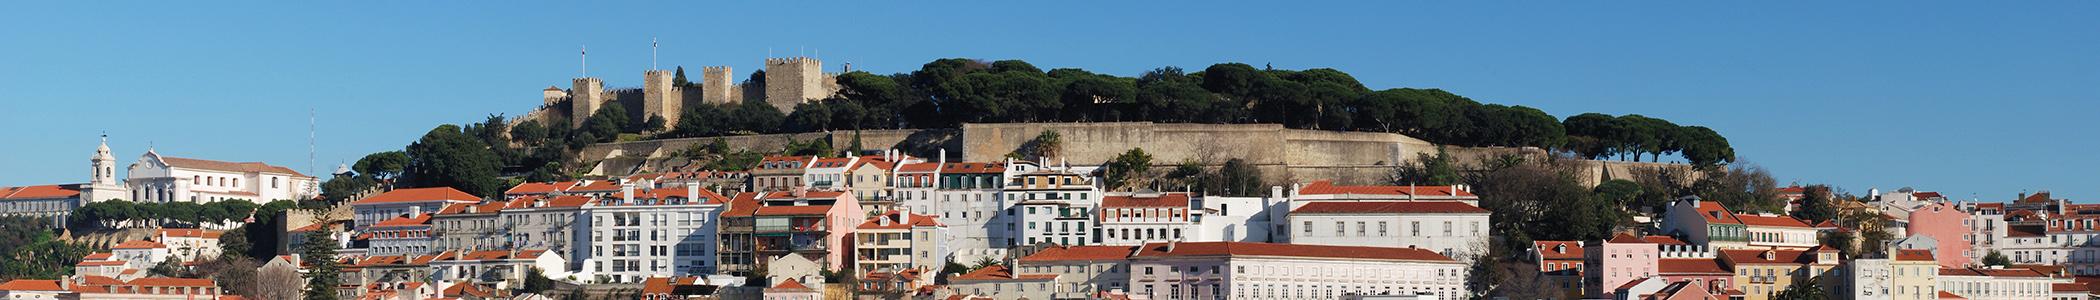 Lisbonne wikivoyage le guide de voyage et de tourisme collaboratif gratuit - Office du tourisme de lisbonne ...